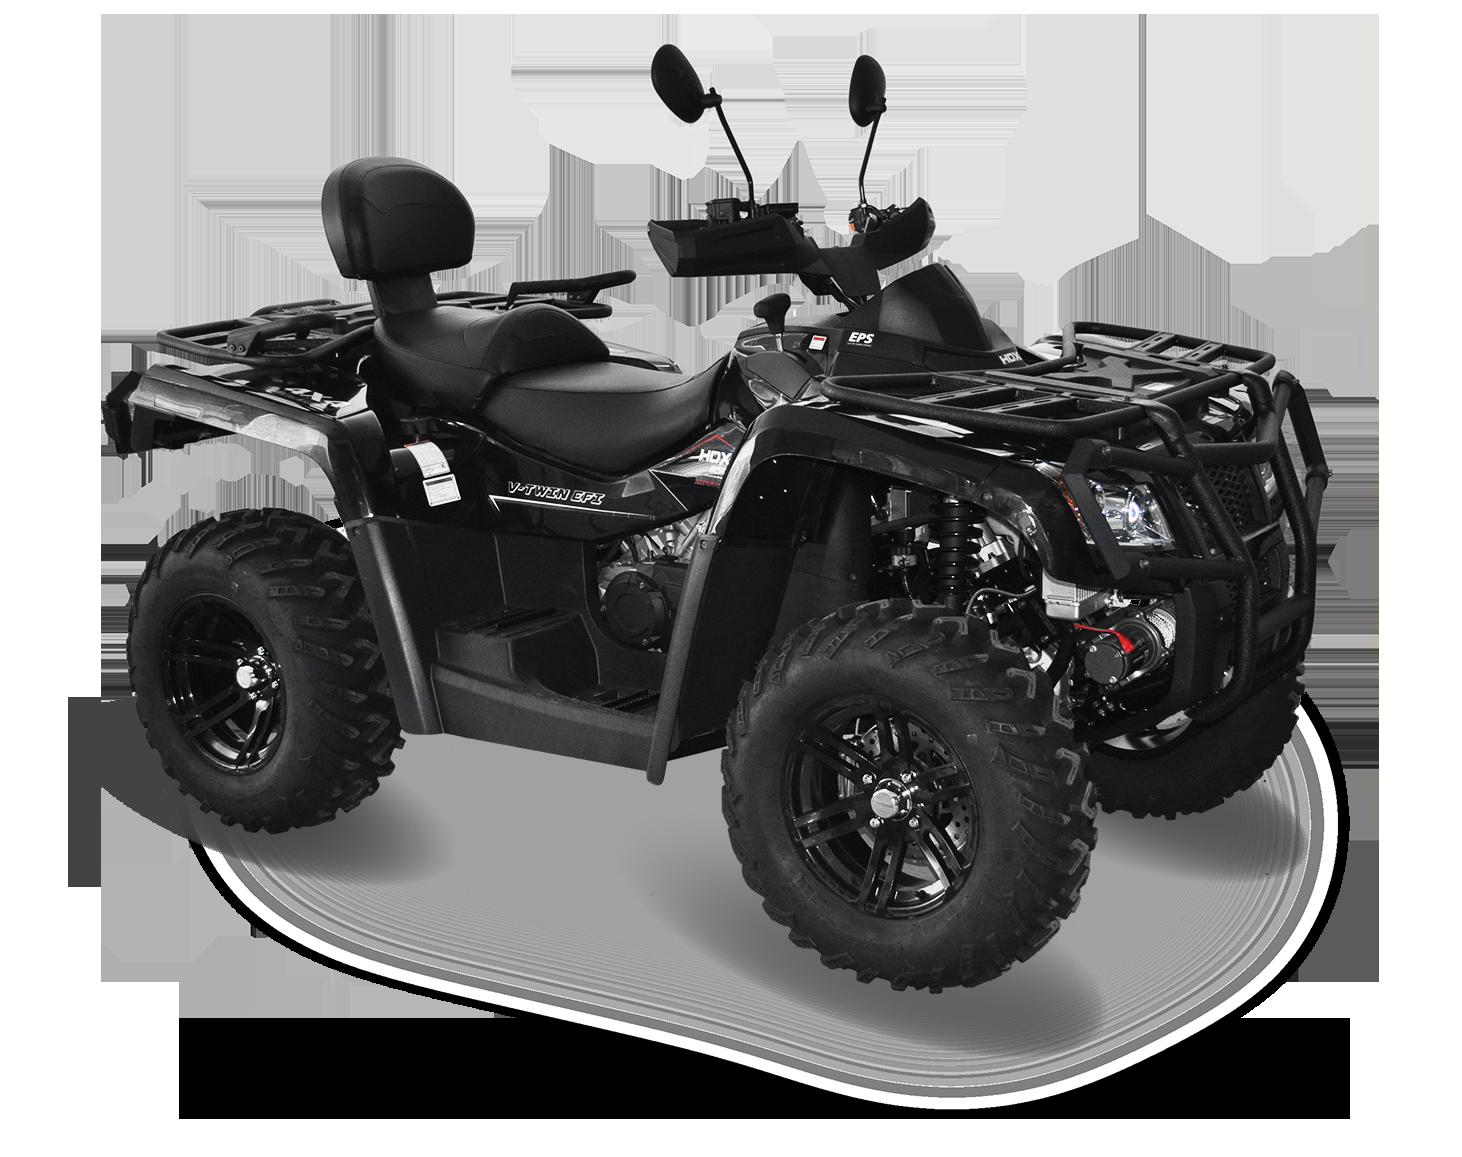 Мотовездеход HDX 850ATV, черныйКвадроциклы<br>Идеальная модель, обладающая высокой мощностью, резвым характером и хорошей проходимостью. HDX 850XT является незаменимым транспортным средством для любителей охоты, рыбалки и активного отдыха. Данный квадроцикл - превосходный выбор для любителей экстрема...<br>